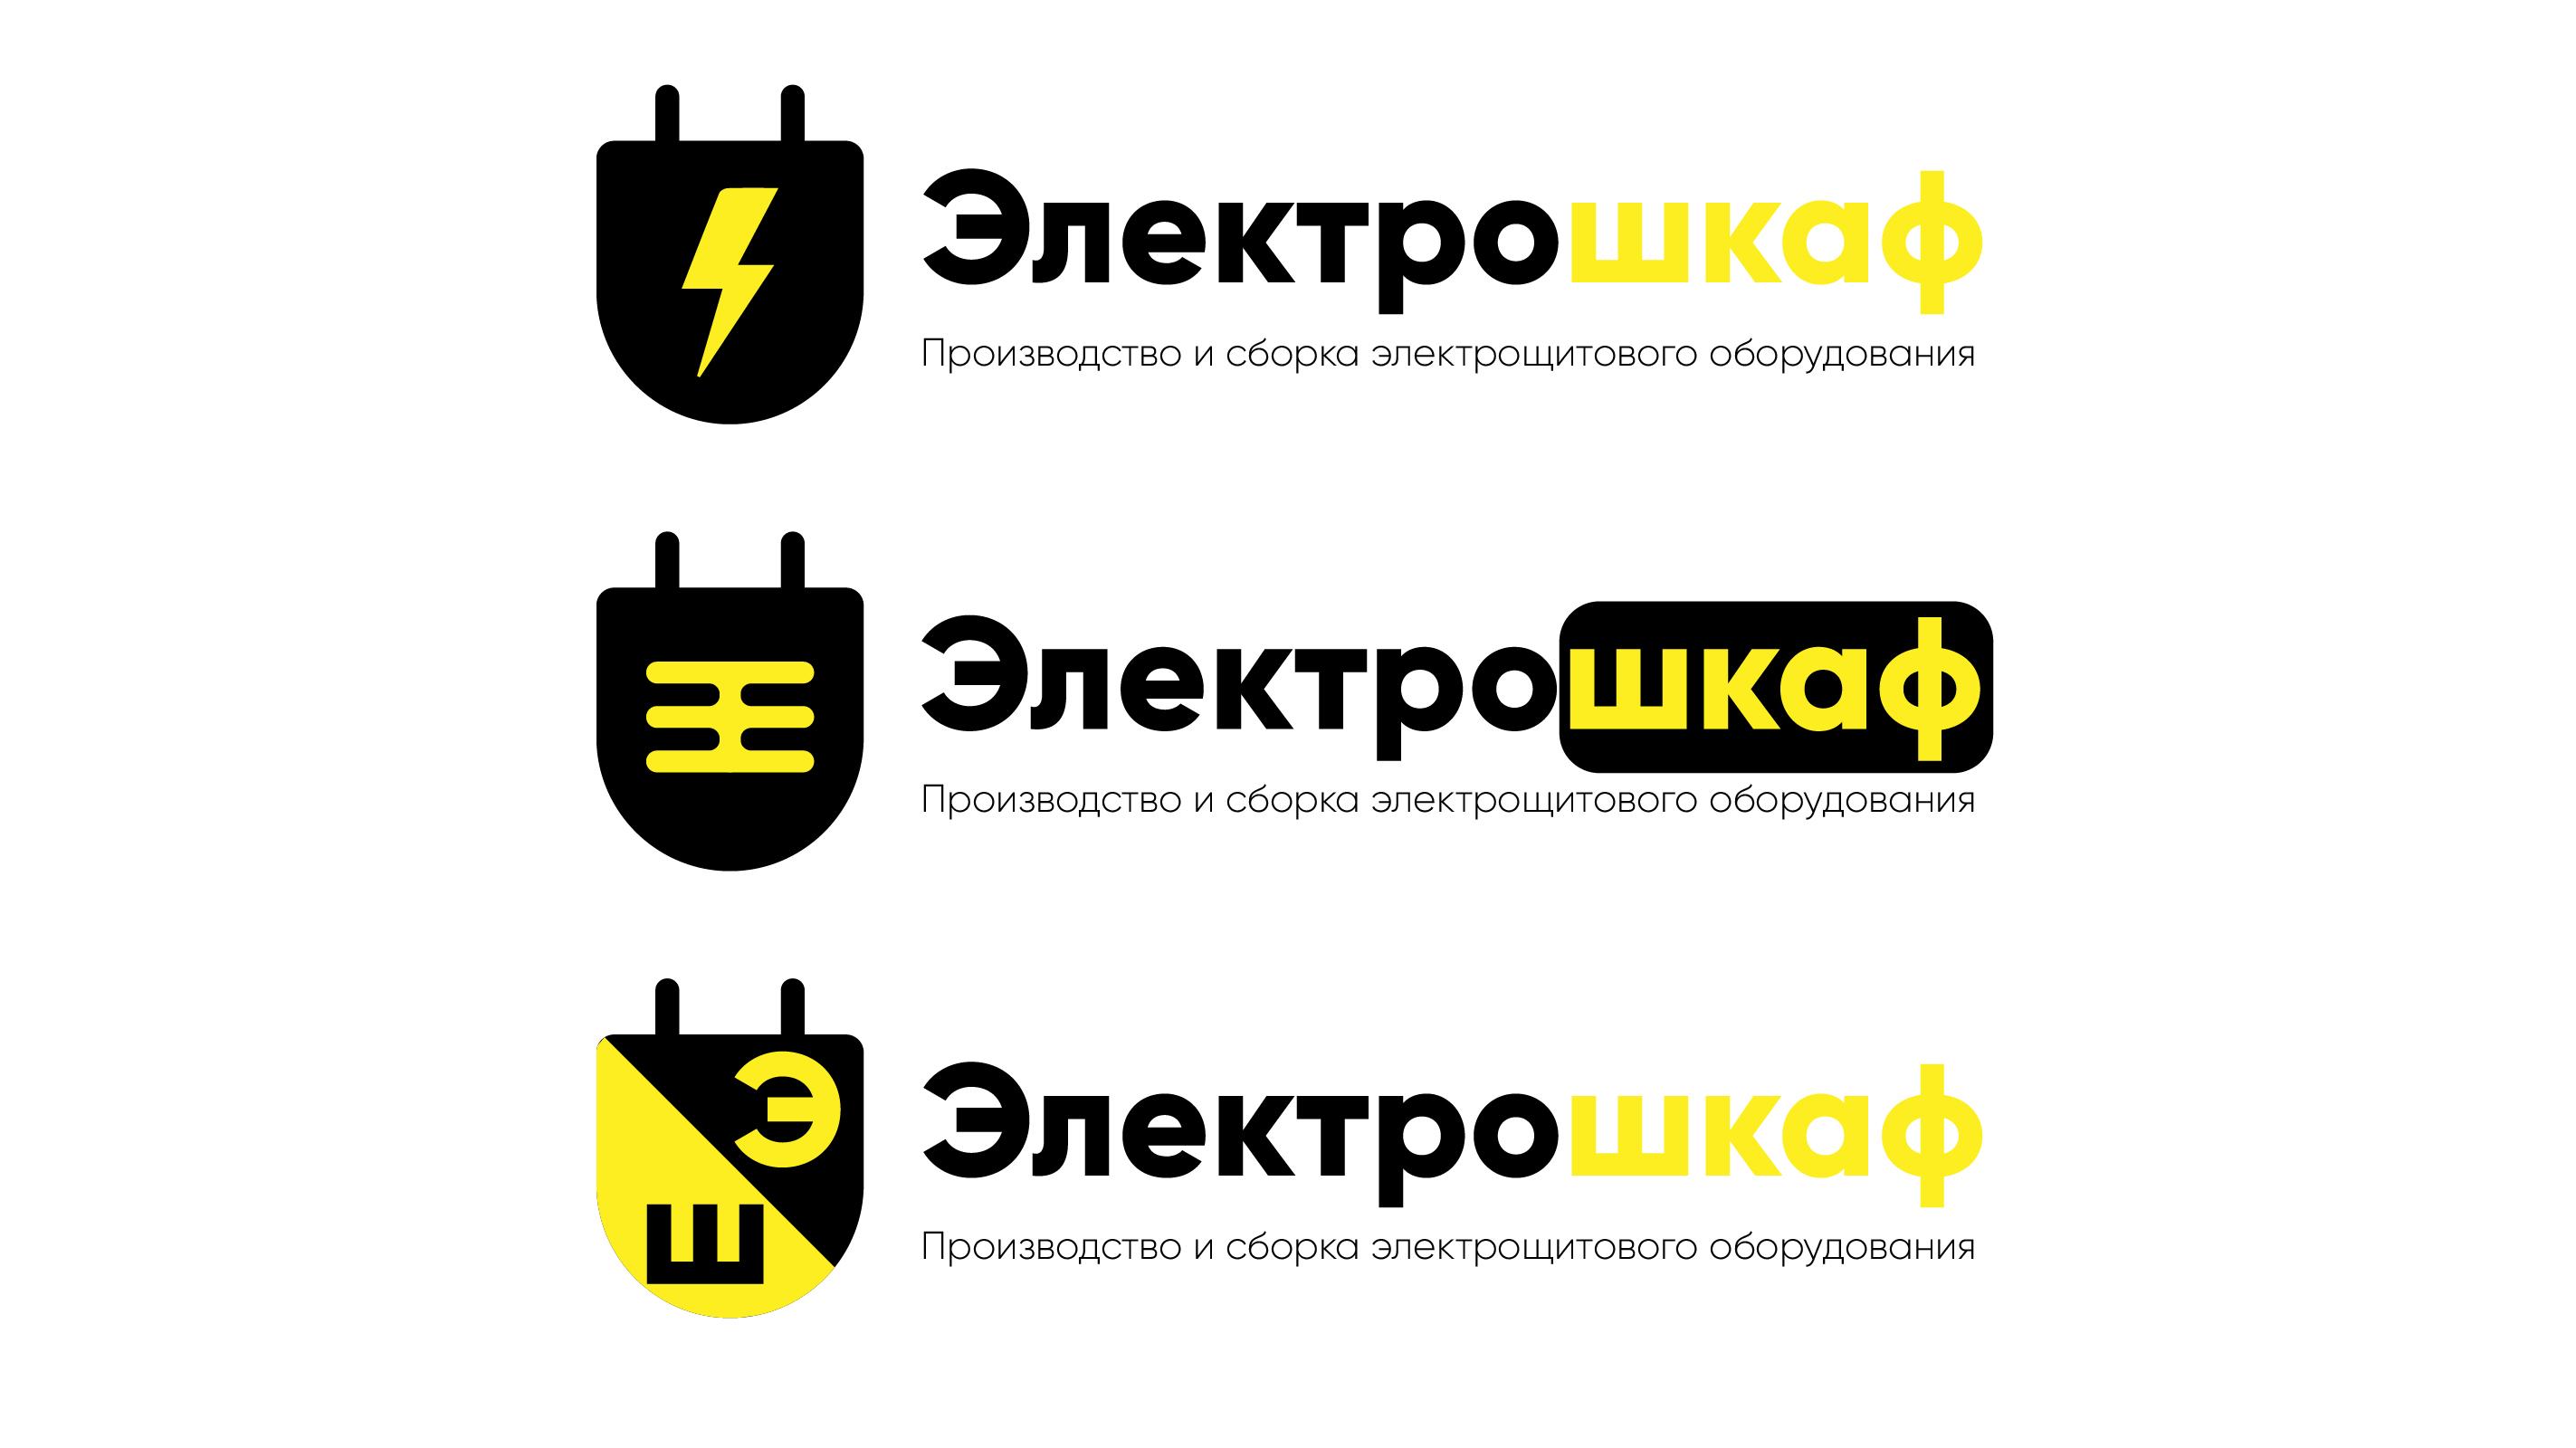 Разработать логотип для завода по производству электрощитов фото f_4095b6d6b50a5d2d.jpg